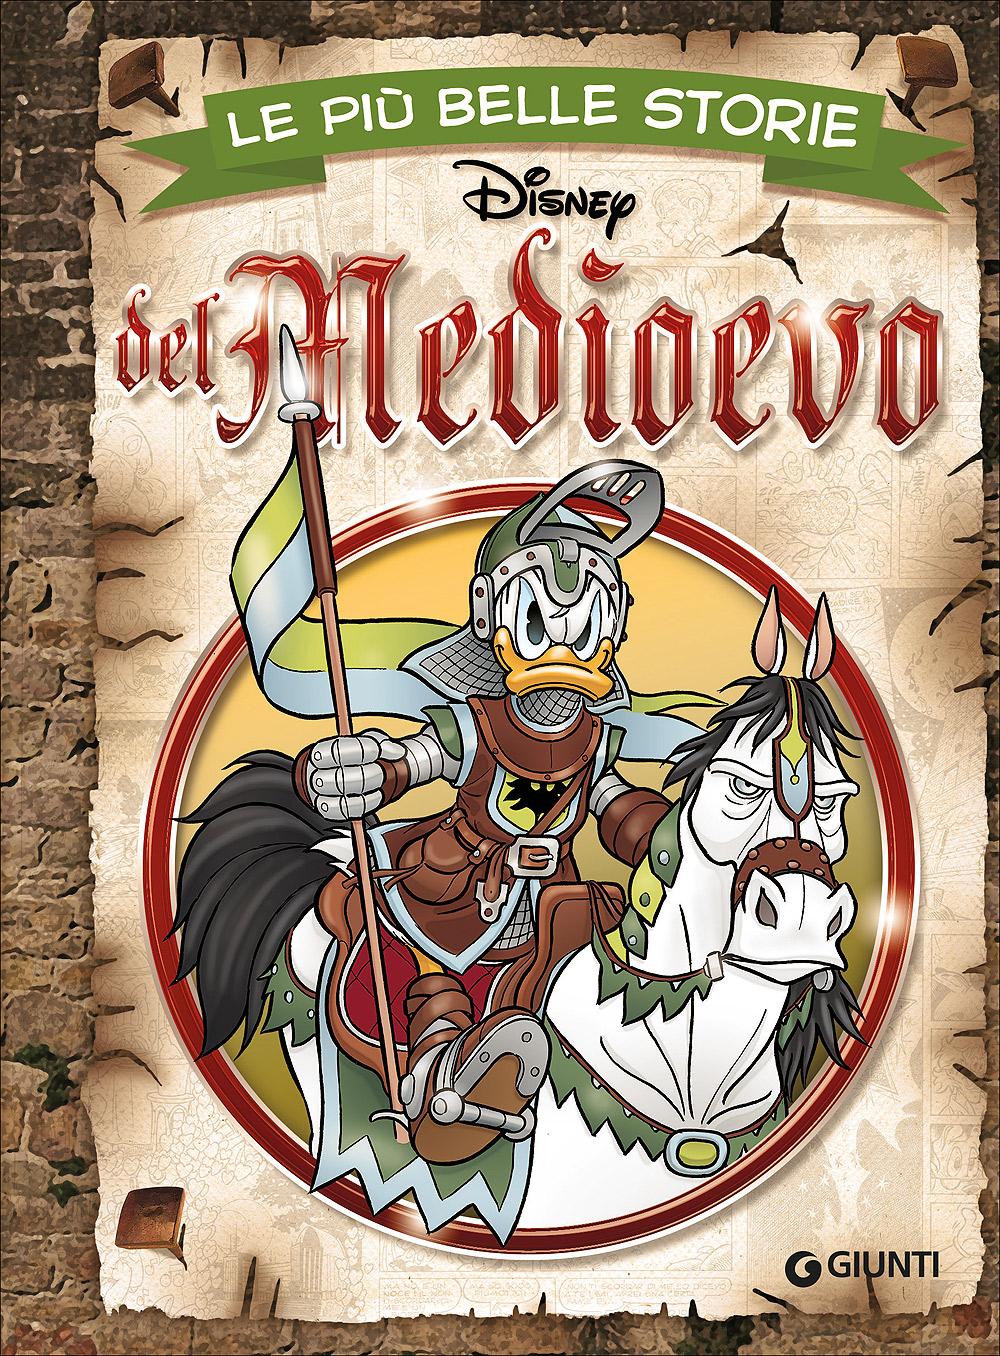 Le più belle storie Disney - Vol. 30